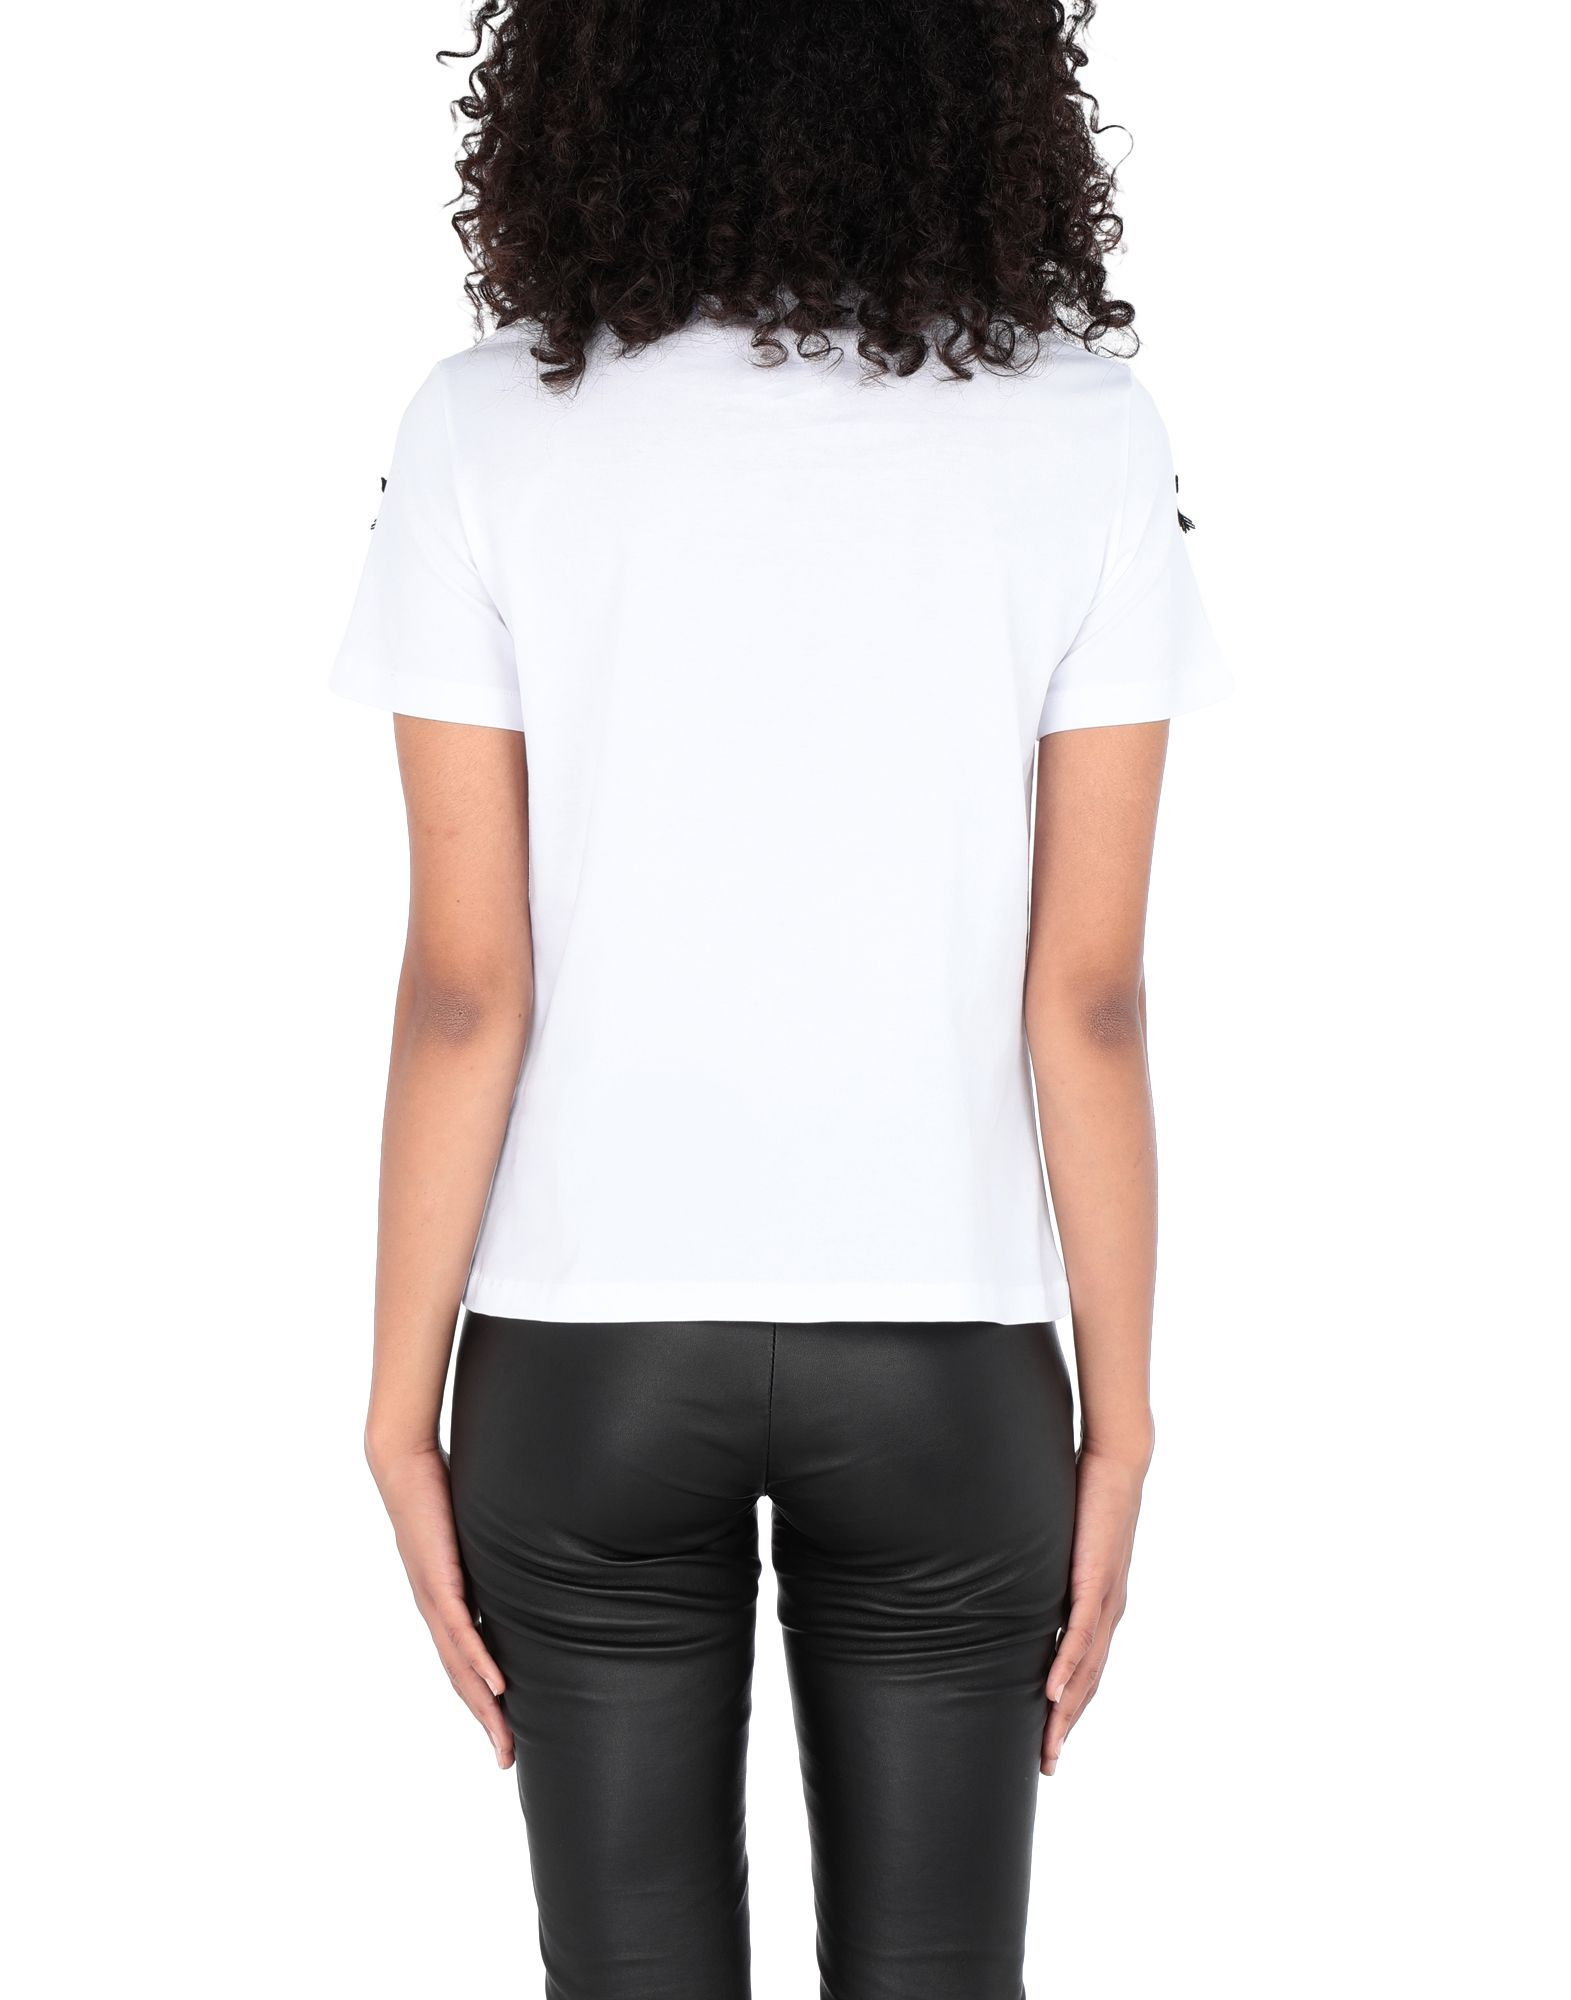 Giulia Rositani White Cotton T-shirts